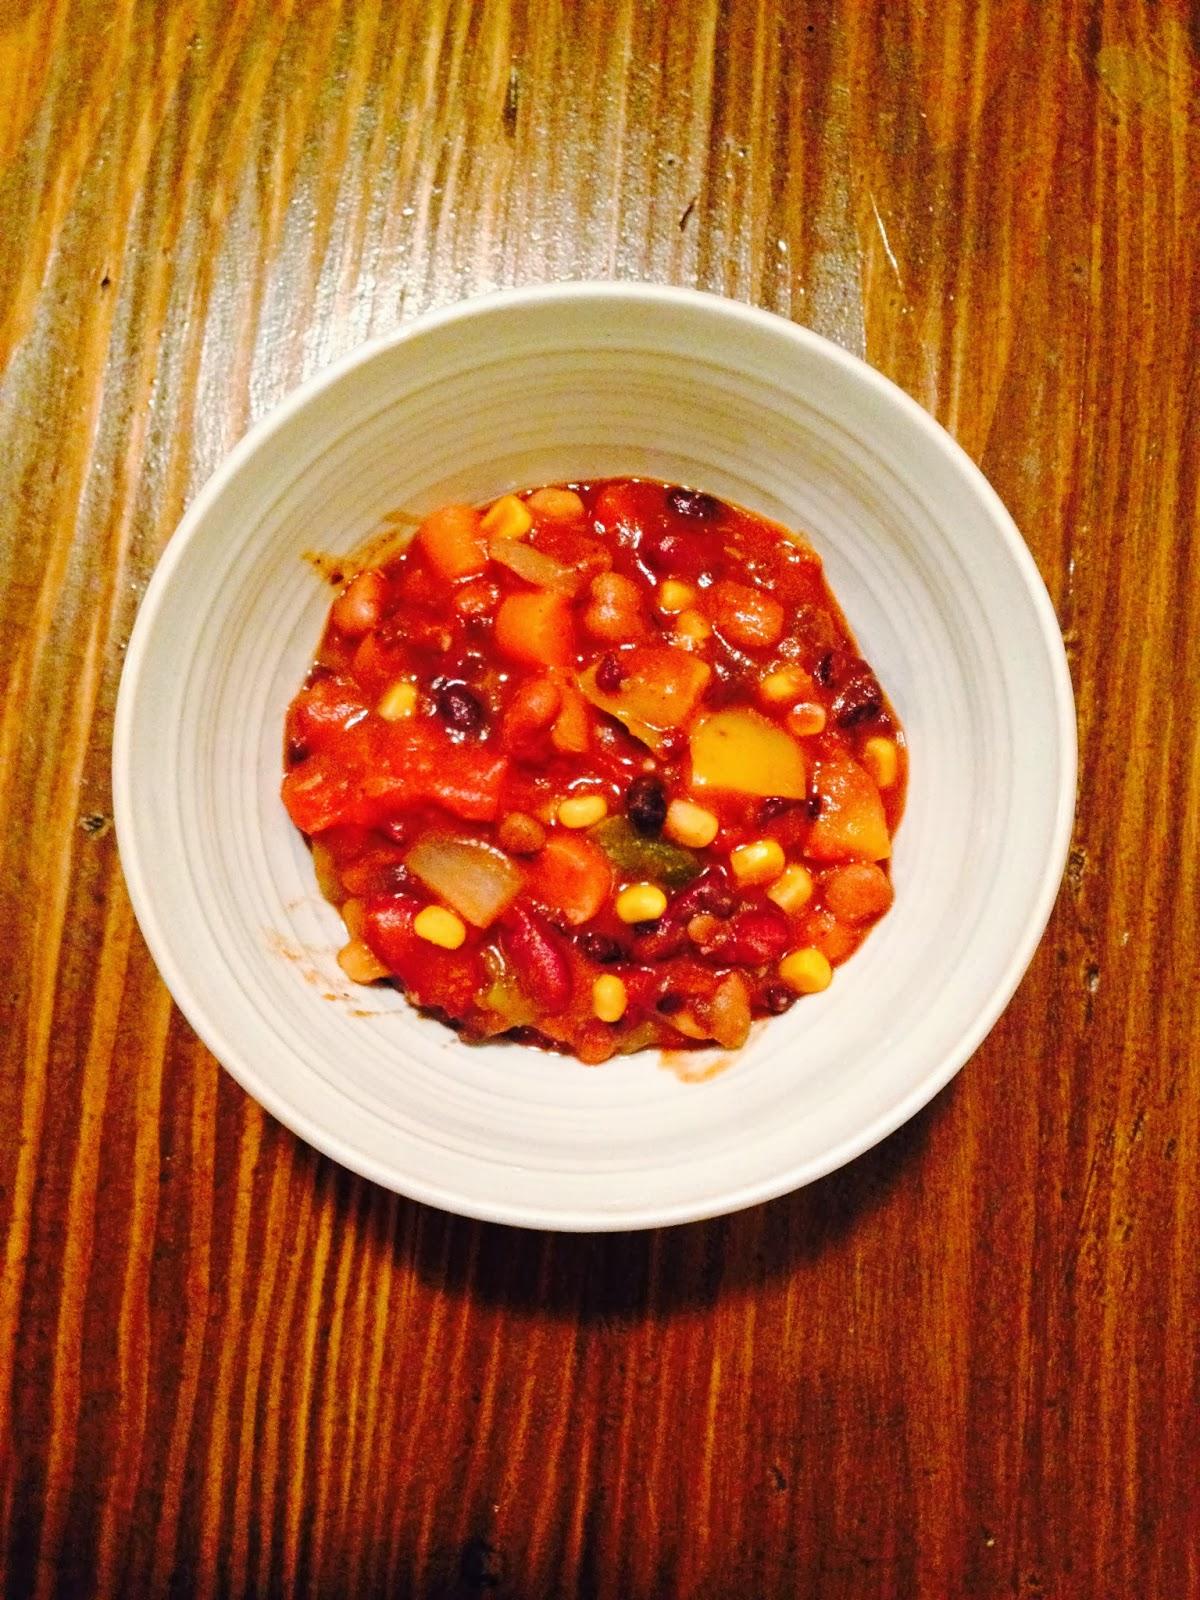 chili-vegan-style